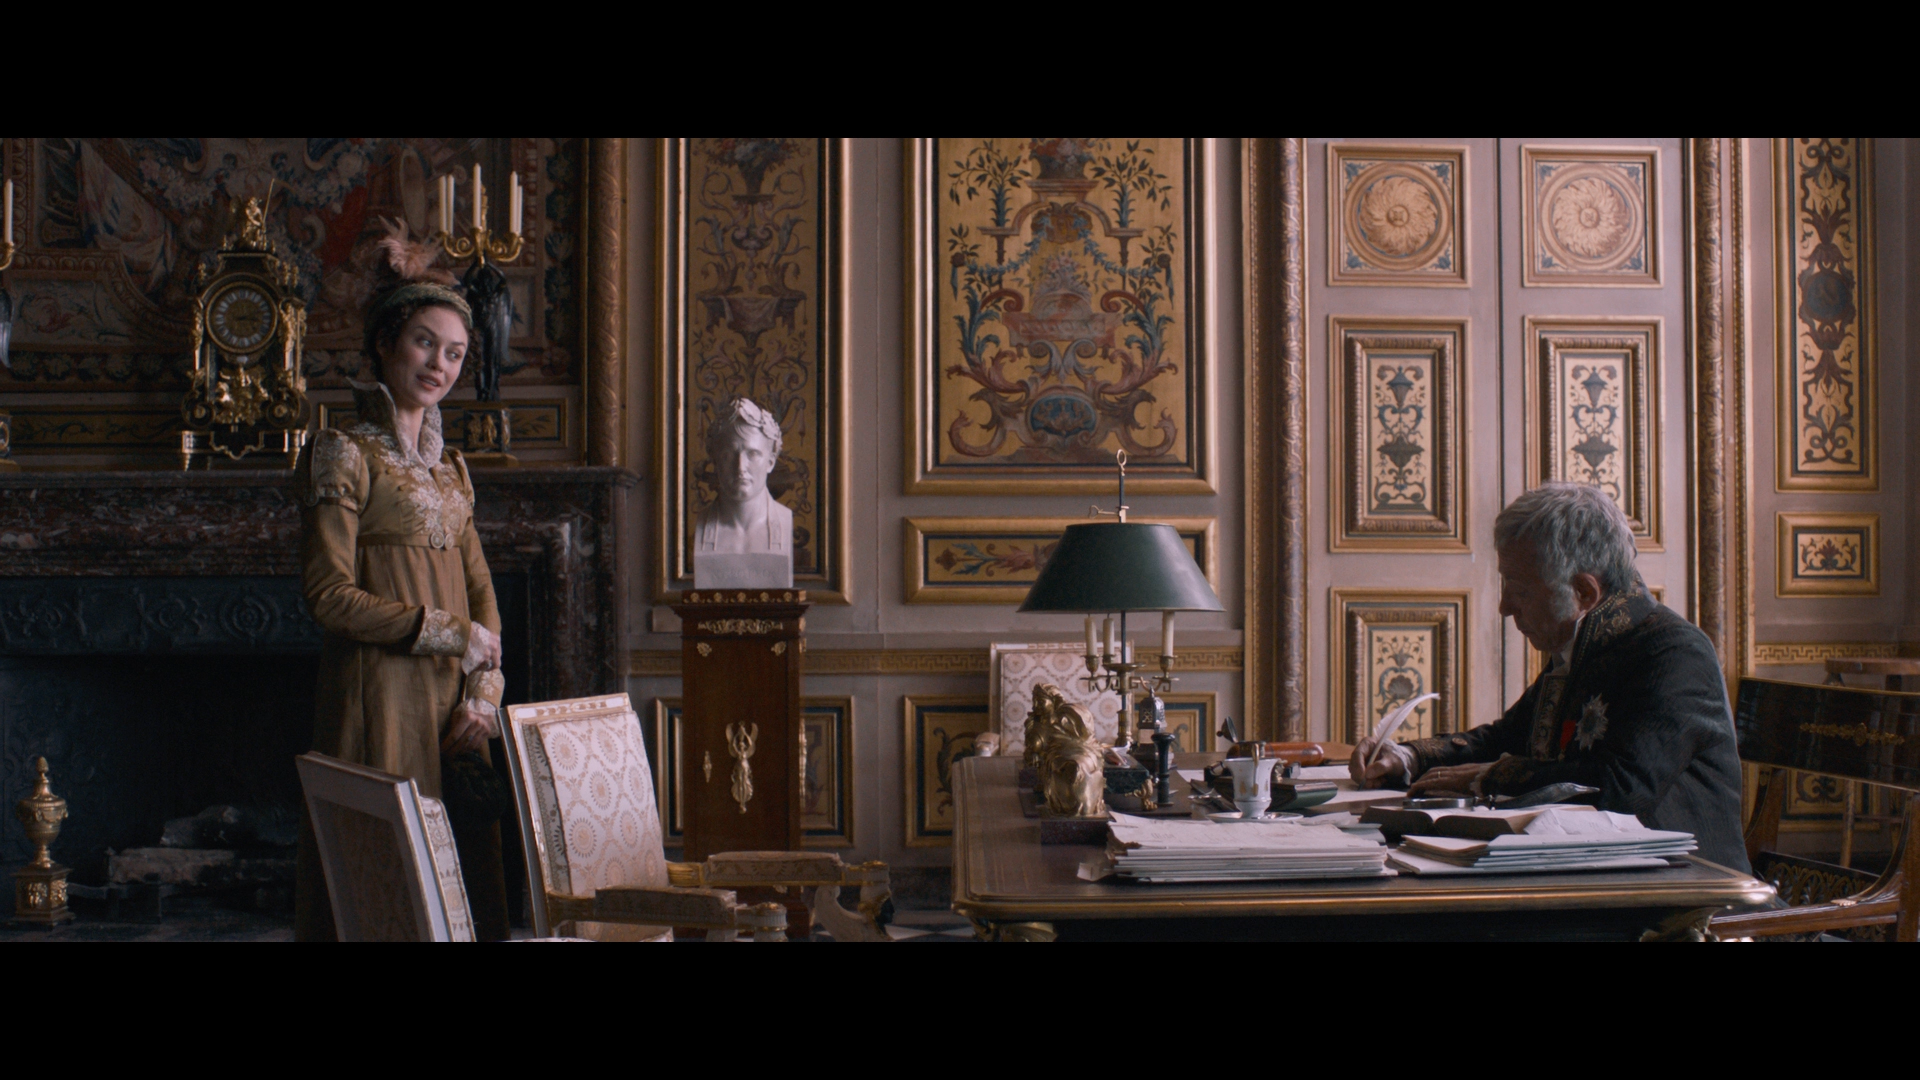 Изображение для Видок: Охотник на призраков (Видок: Император Парижа) / L'Empereur de Paris (2018) BDRemux 1080p (кликните для просмотра полного изображения)